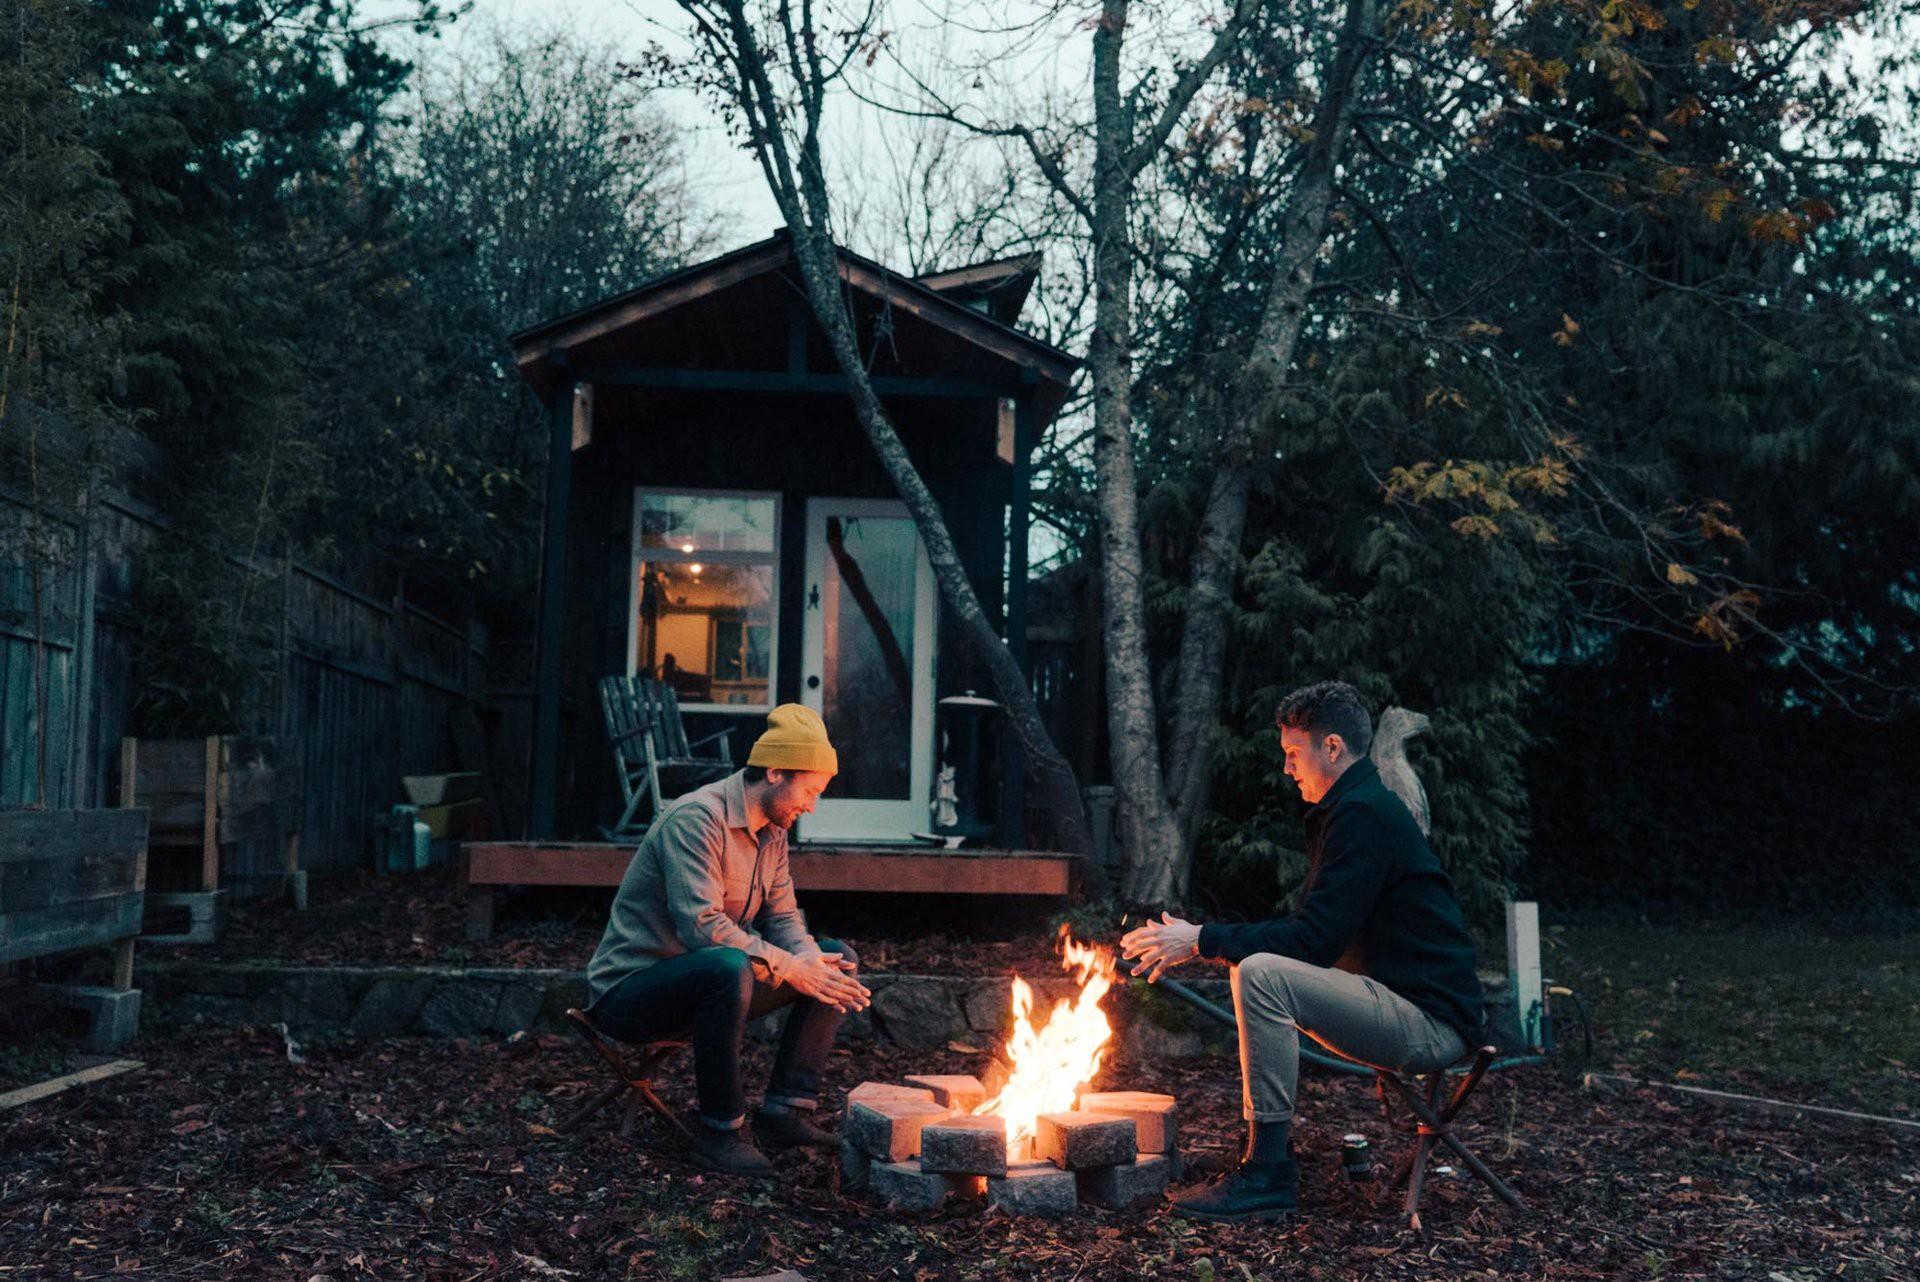 Tham quan ngôi nhà chưa tới 10m2 của một nhiếp ảnh gia Canada, với triết lý sống không xanh và sạch - Ảnh 11.